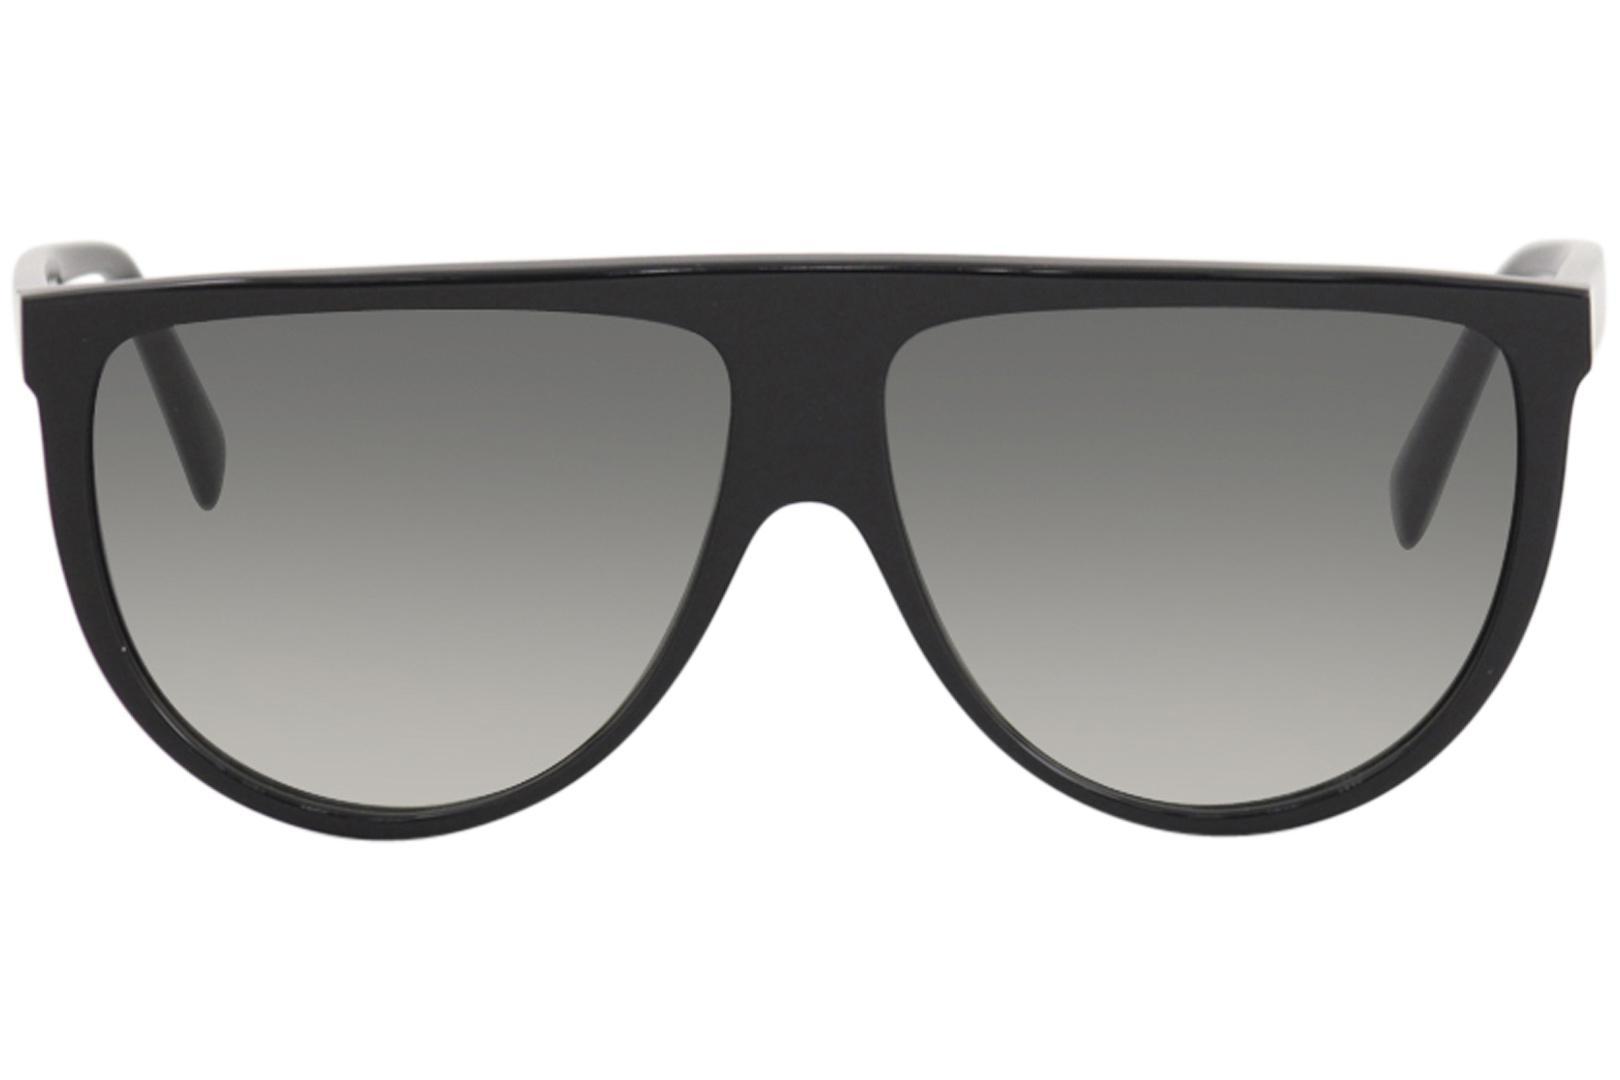 c1d9381e3db Celine Women s CL40006I CL 40006 I Fashion Pilot Sunglasses by Celine